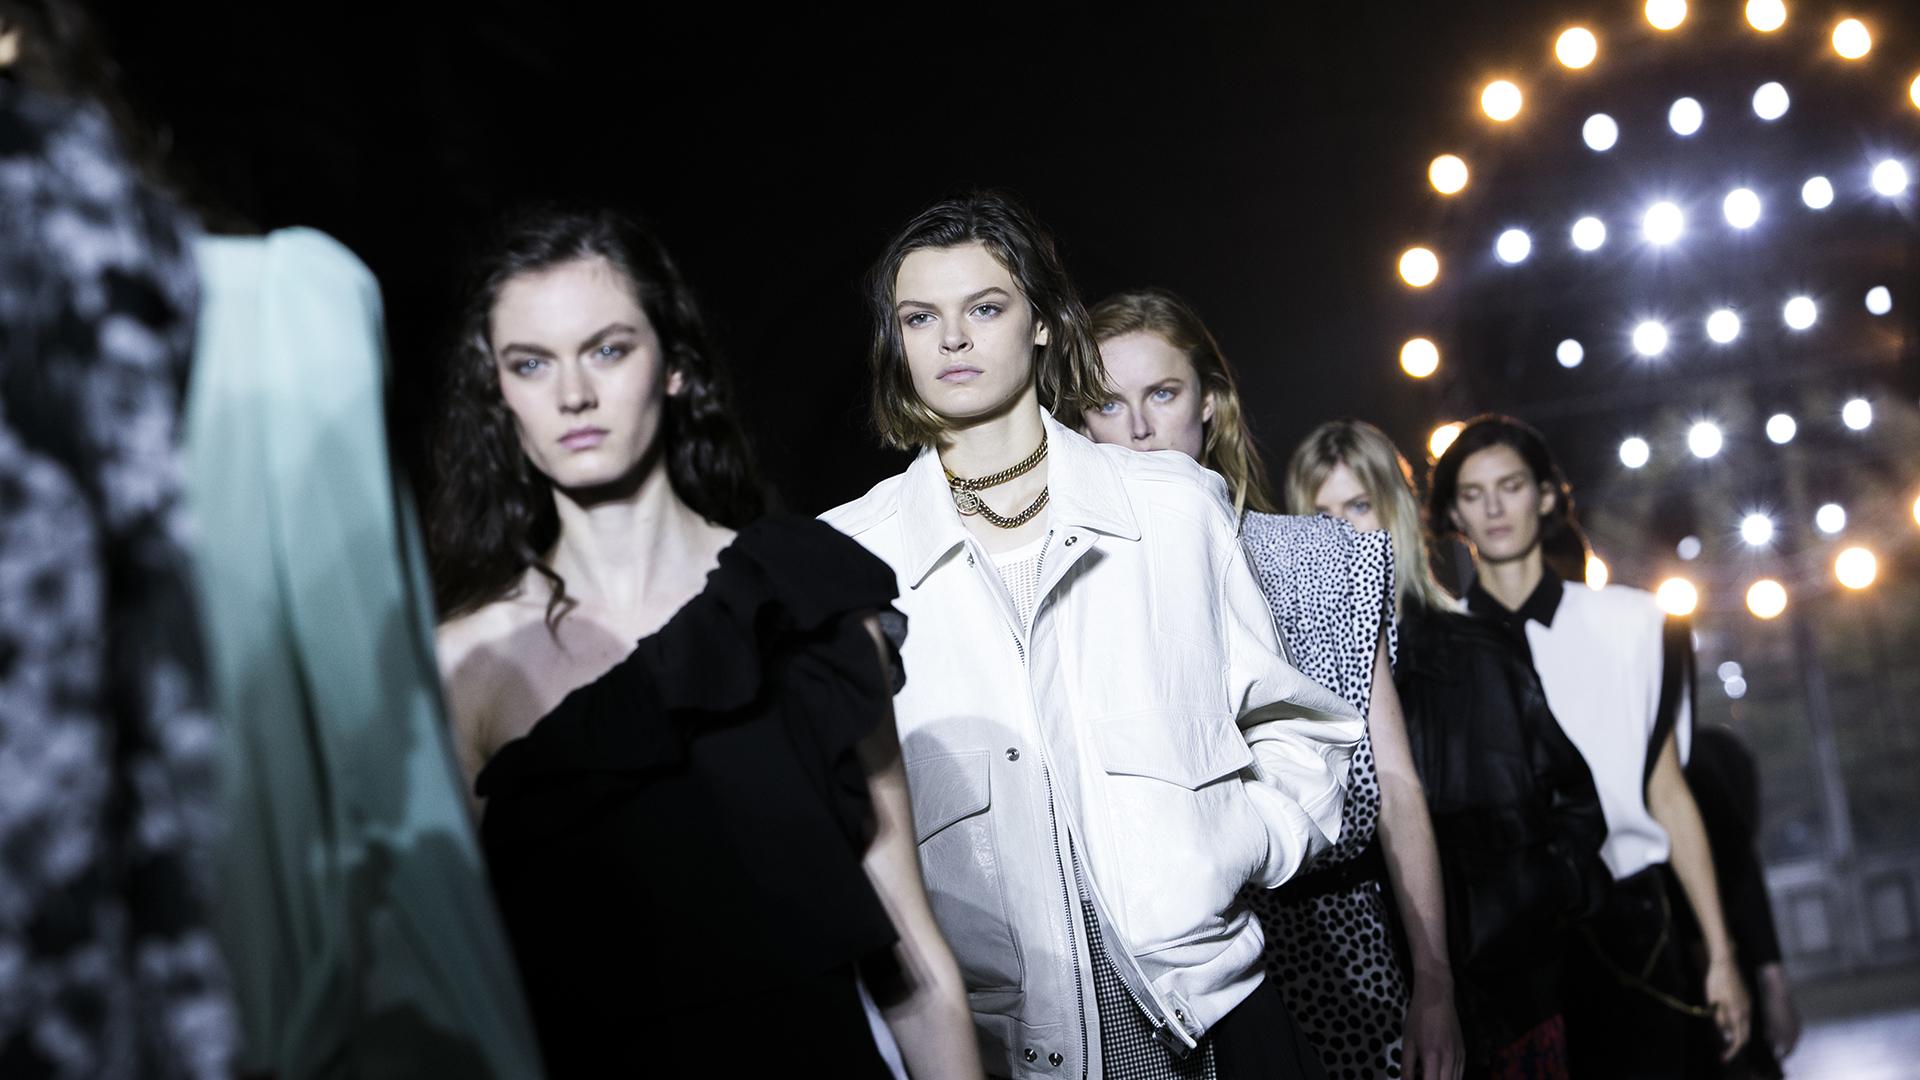 Clare Waight Keller, la nueva directora creativa de Givenchy, presentó su primera colección en la Paris Fashion Week tras su salida de Chloé